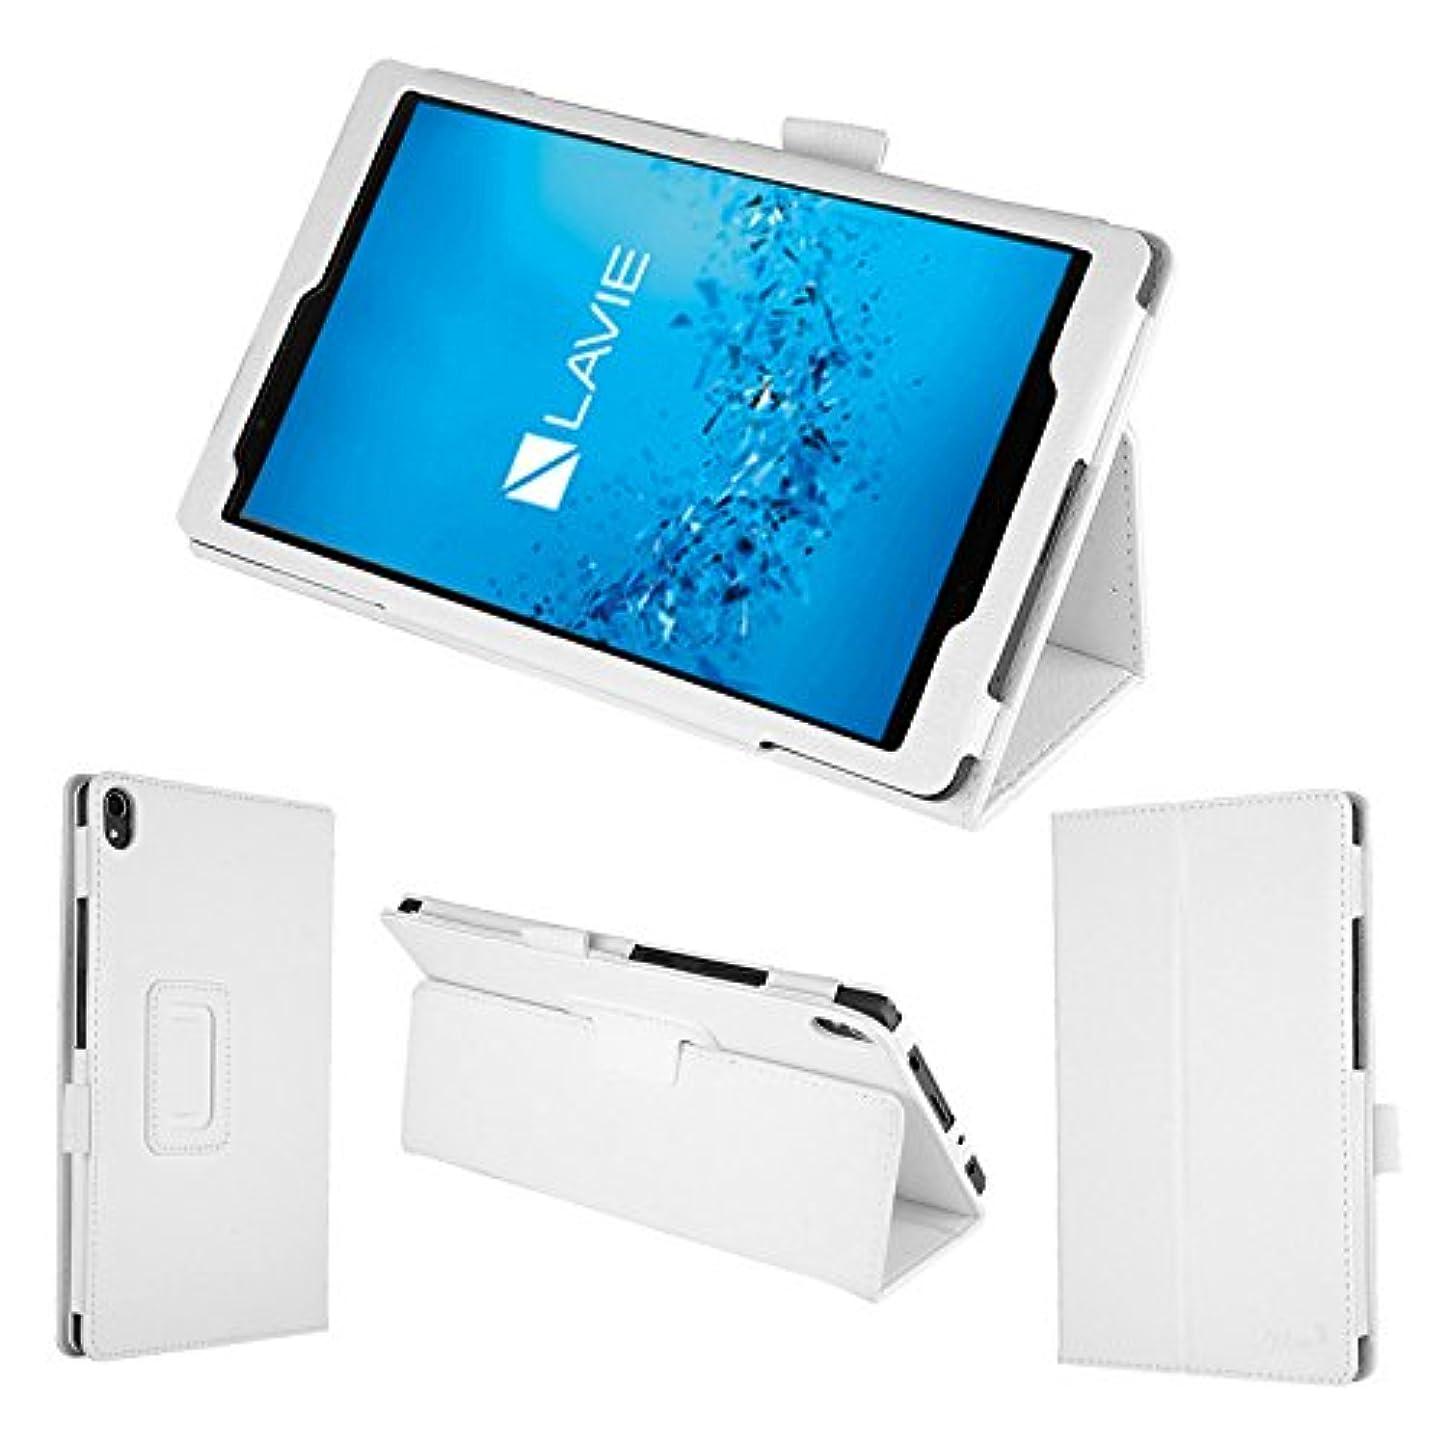 無駄に息を切らして増強するwisers 保護フィルム付 NEC LAVIE Tab S TS508/FAM PC-TS508FAM 8インチ タブレット 専用 ケース カバー [2017 年 新型] ホワイト